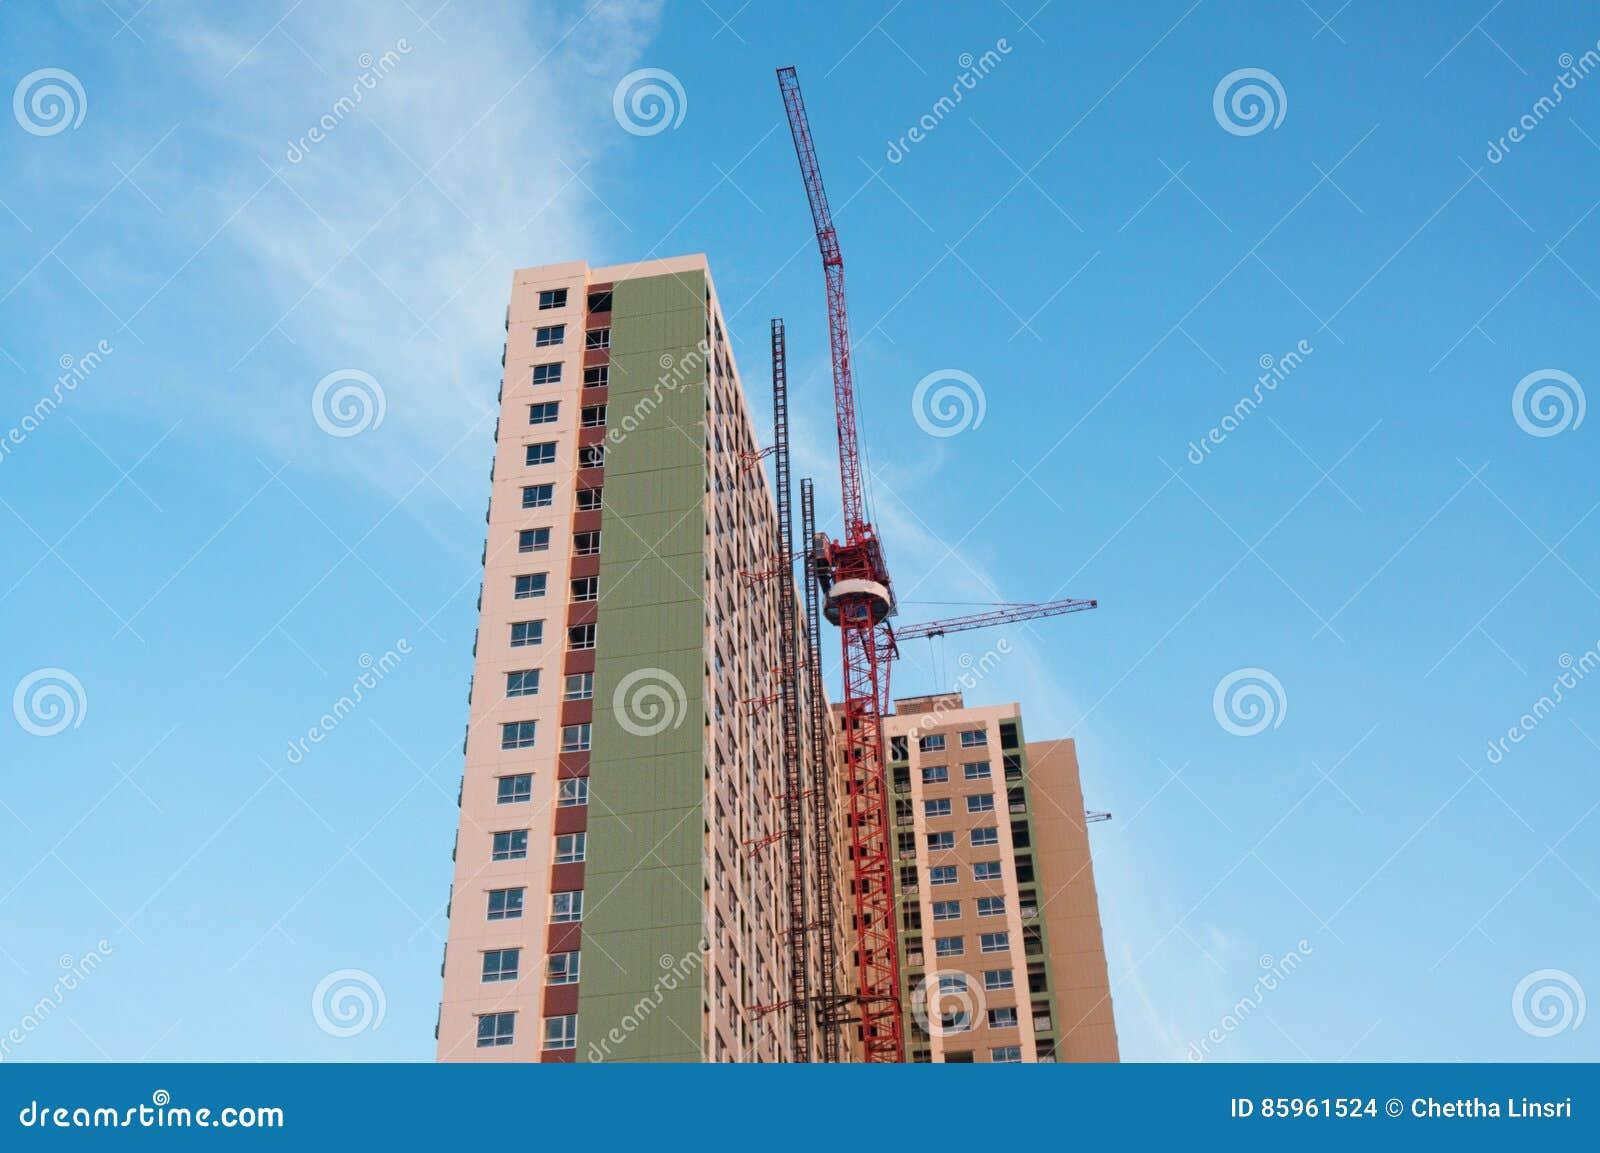 有红色起重机的楼房建筑在蓝天背景中